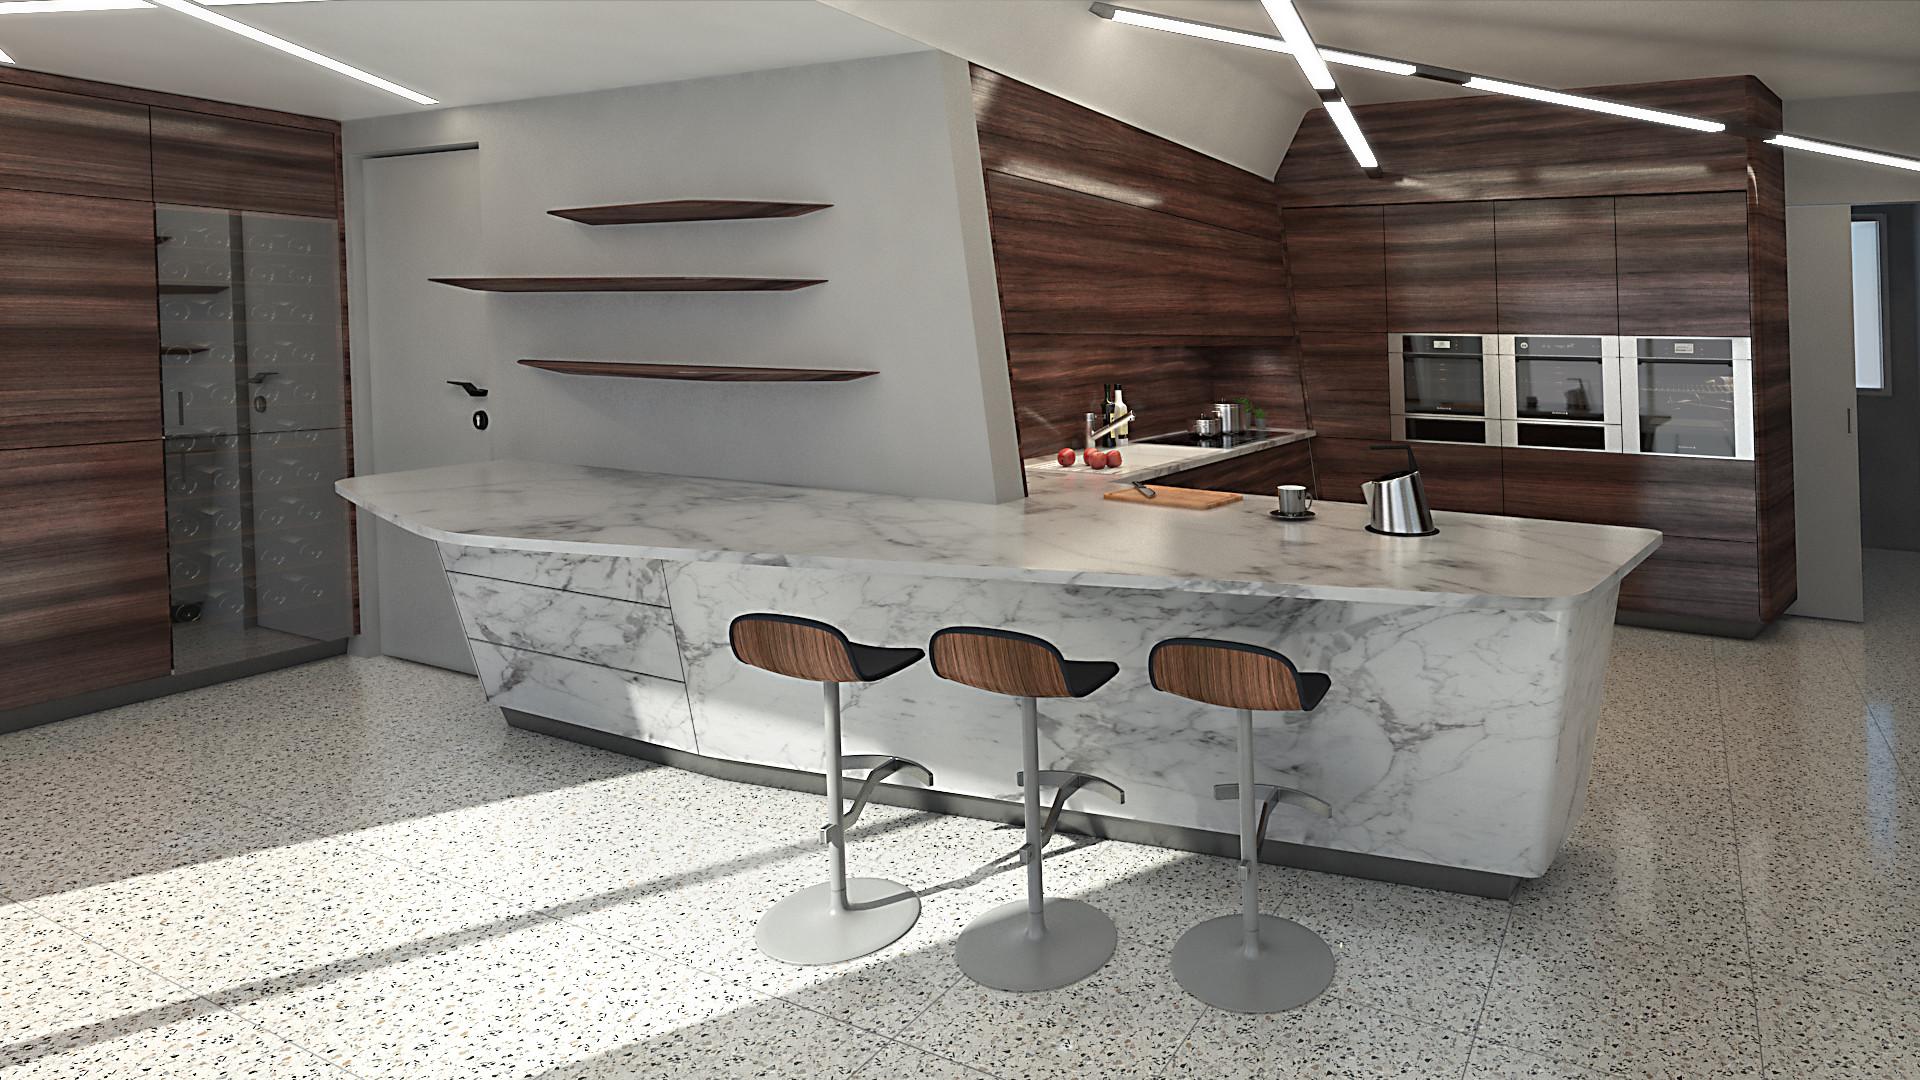 Jean philippe lybeer goddeeris kitchen 1